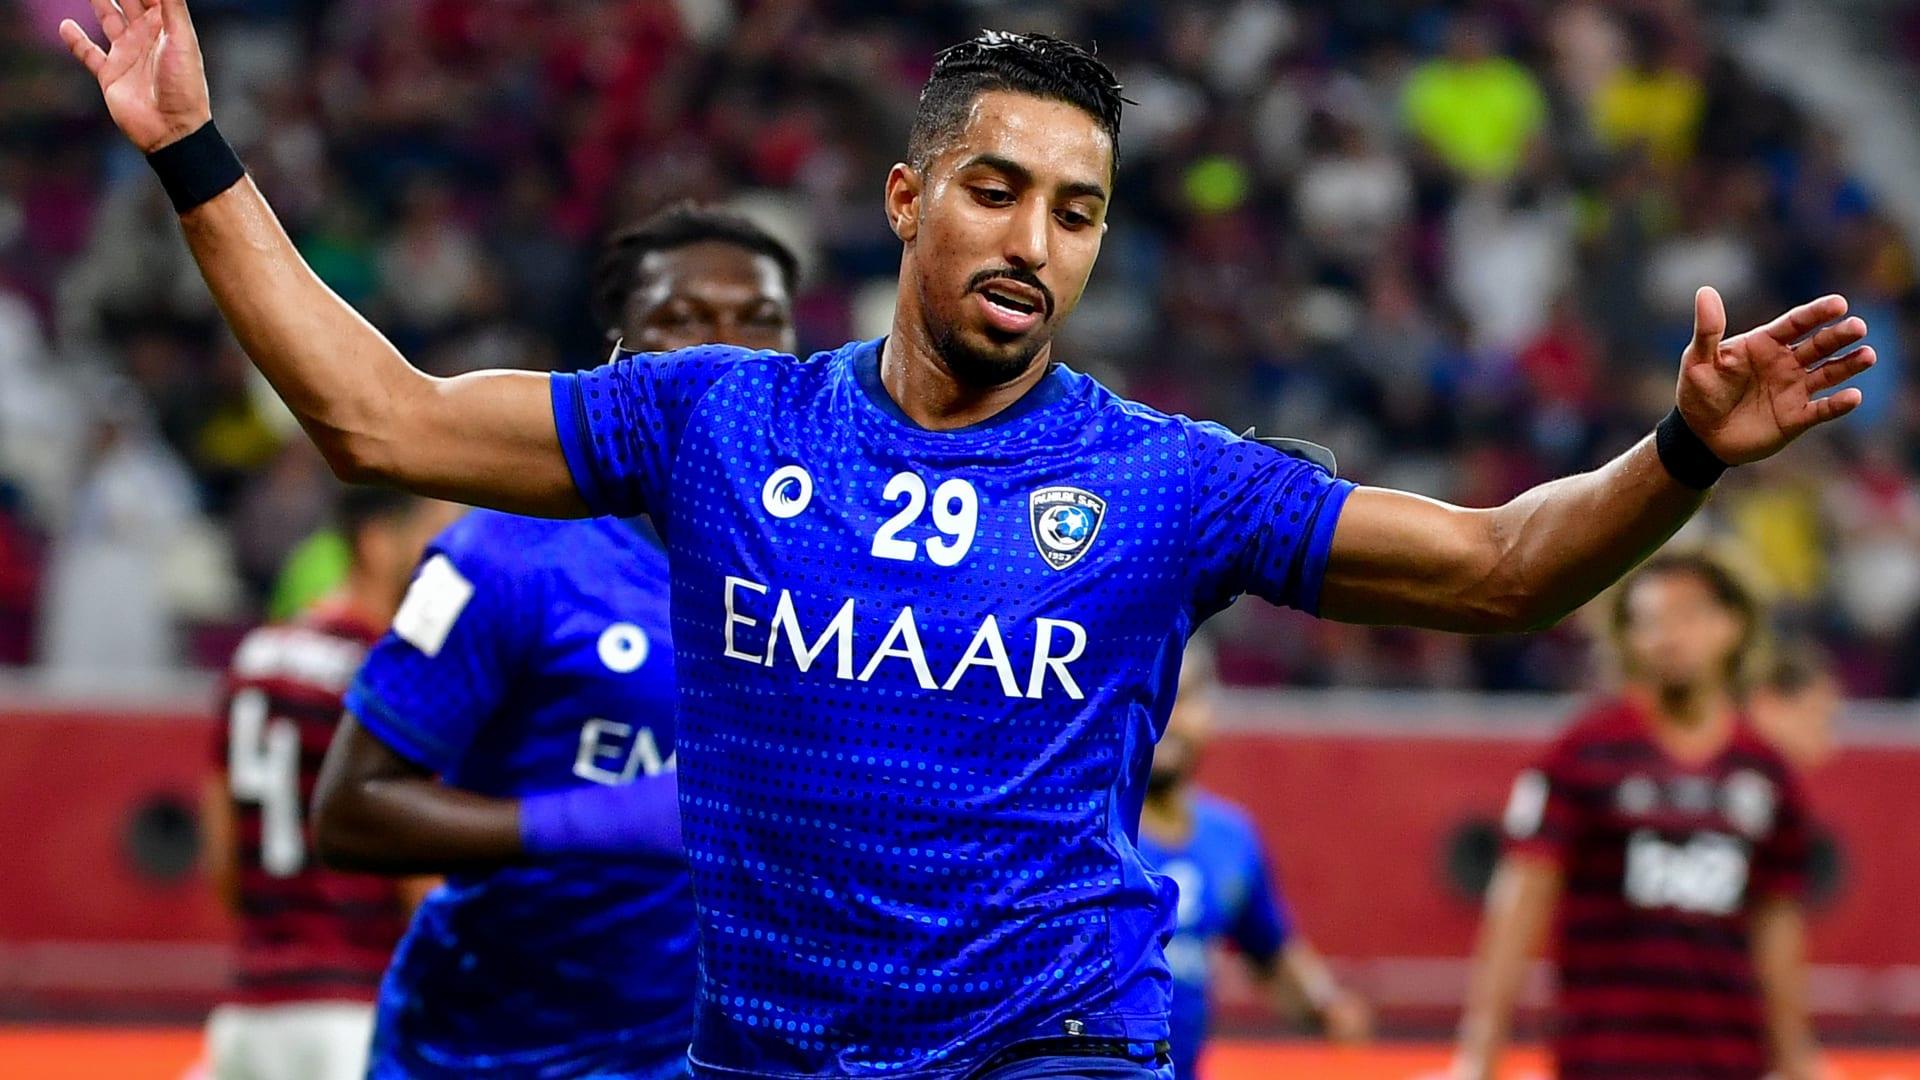 سالم الدوسري أفضل لاعب عربي لعام 2019 باستفتاء CNN بالعربية